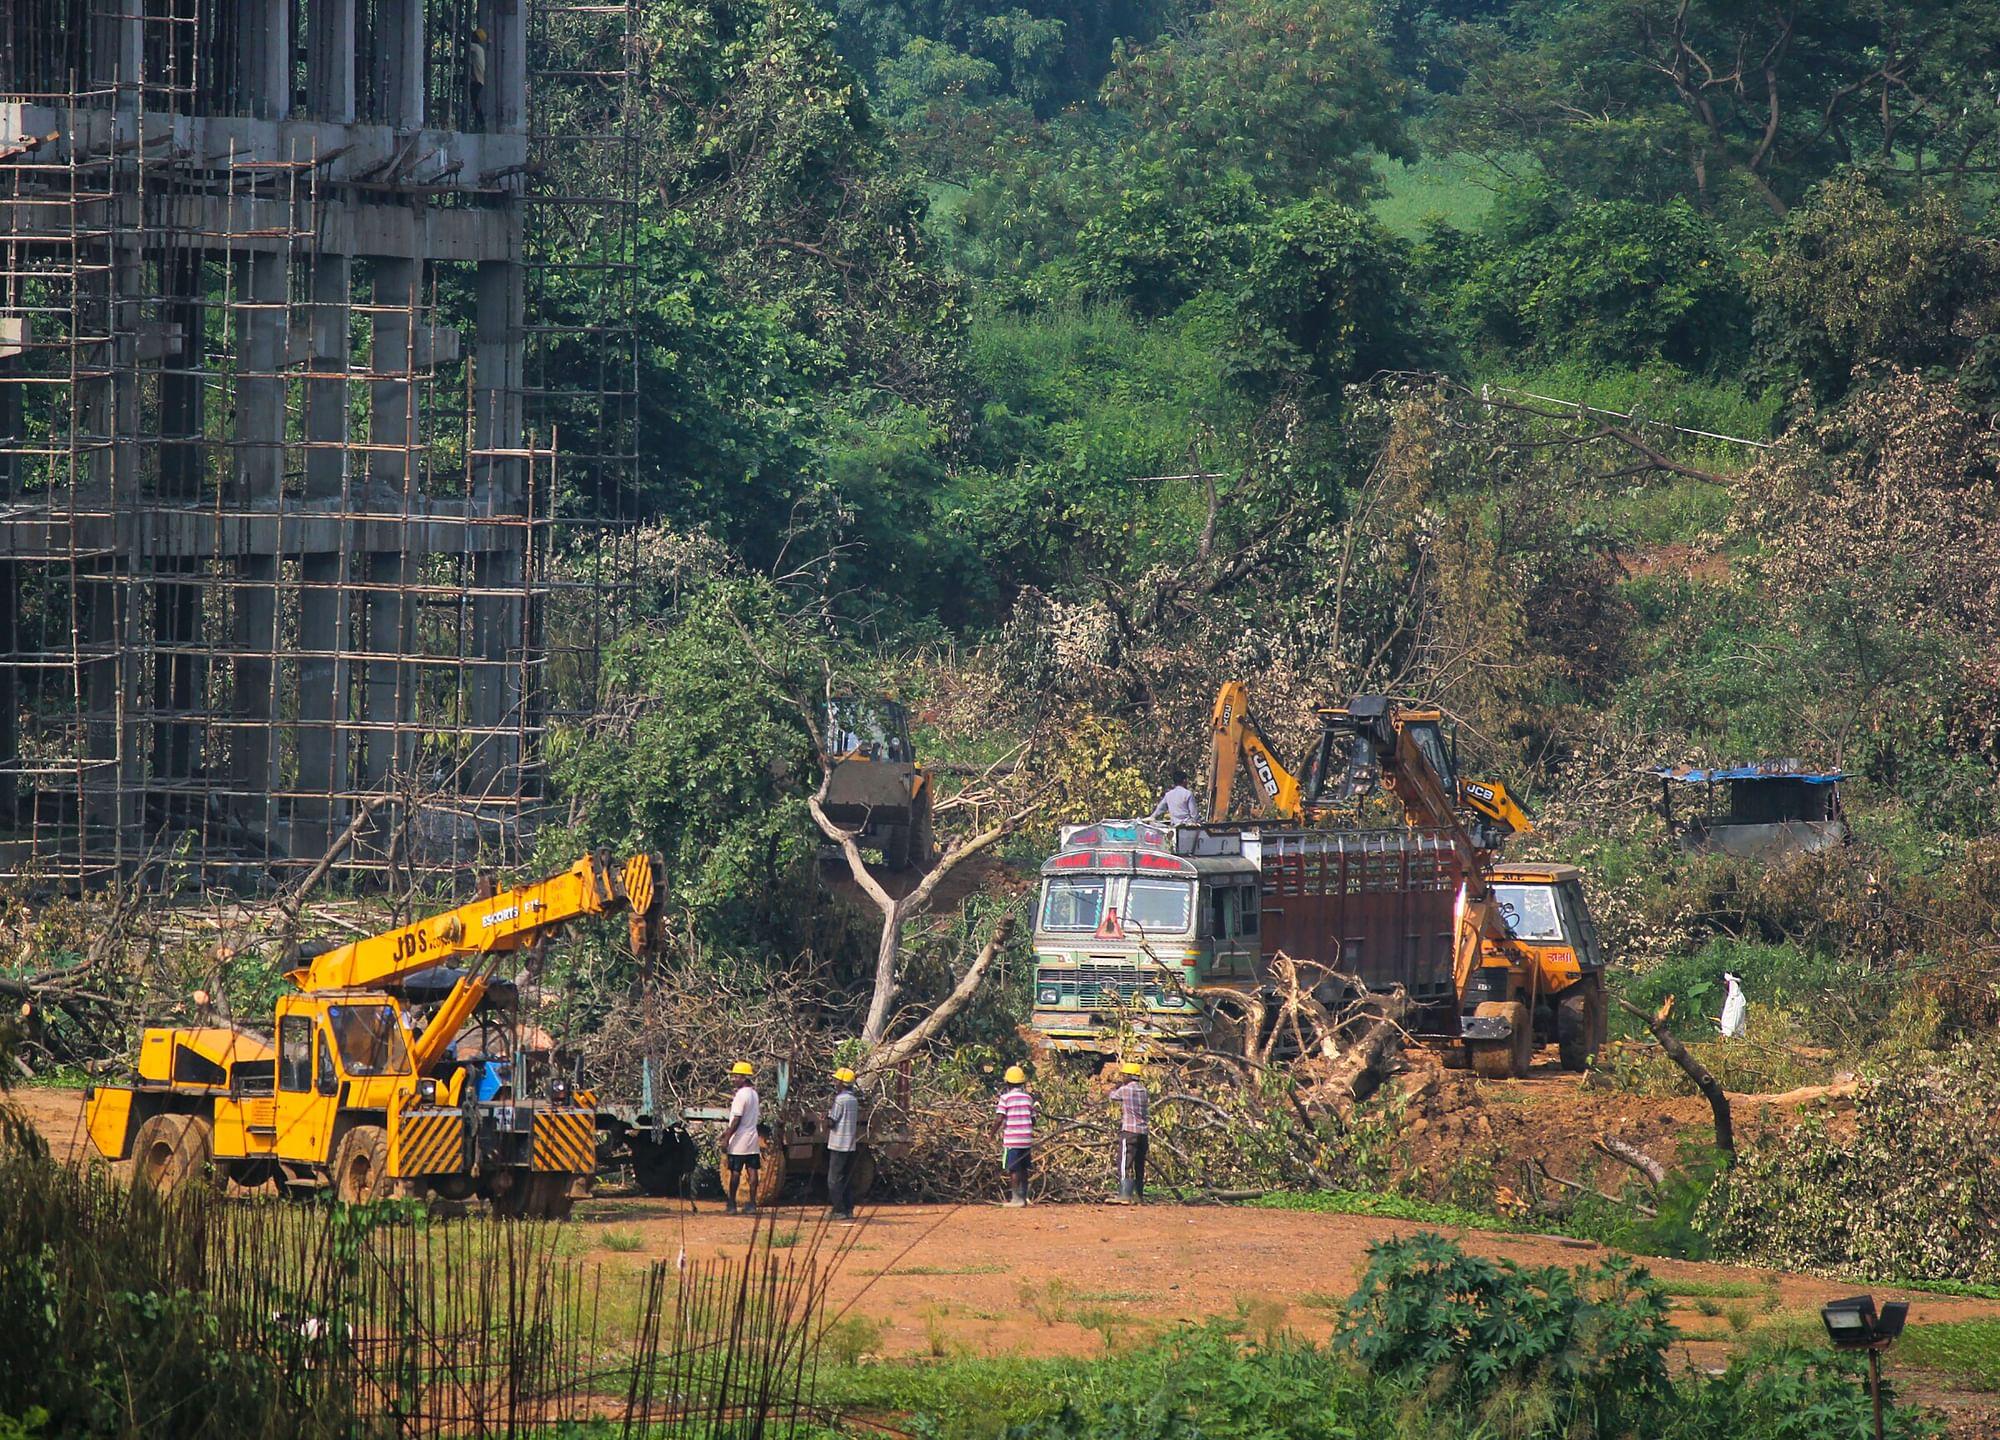 Maharashtra Removes Mumbai Metro Managing Director Amid Aarey Tree Felling Controversy